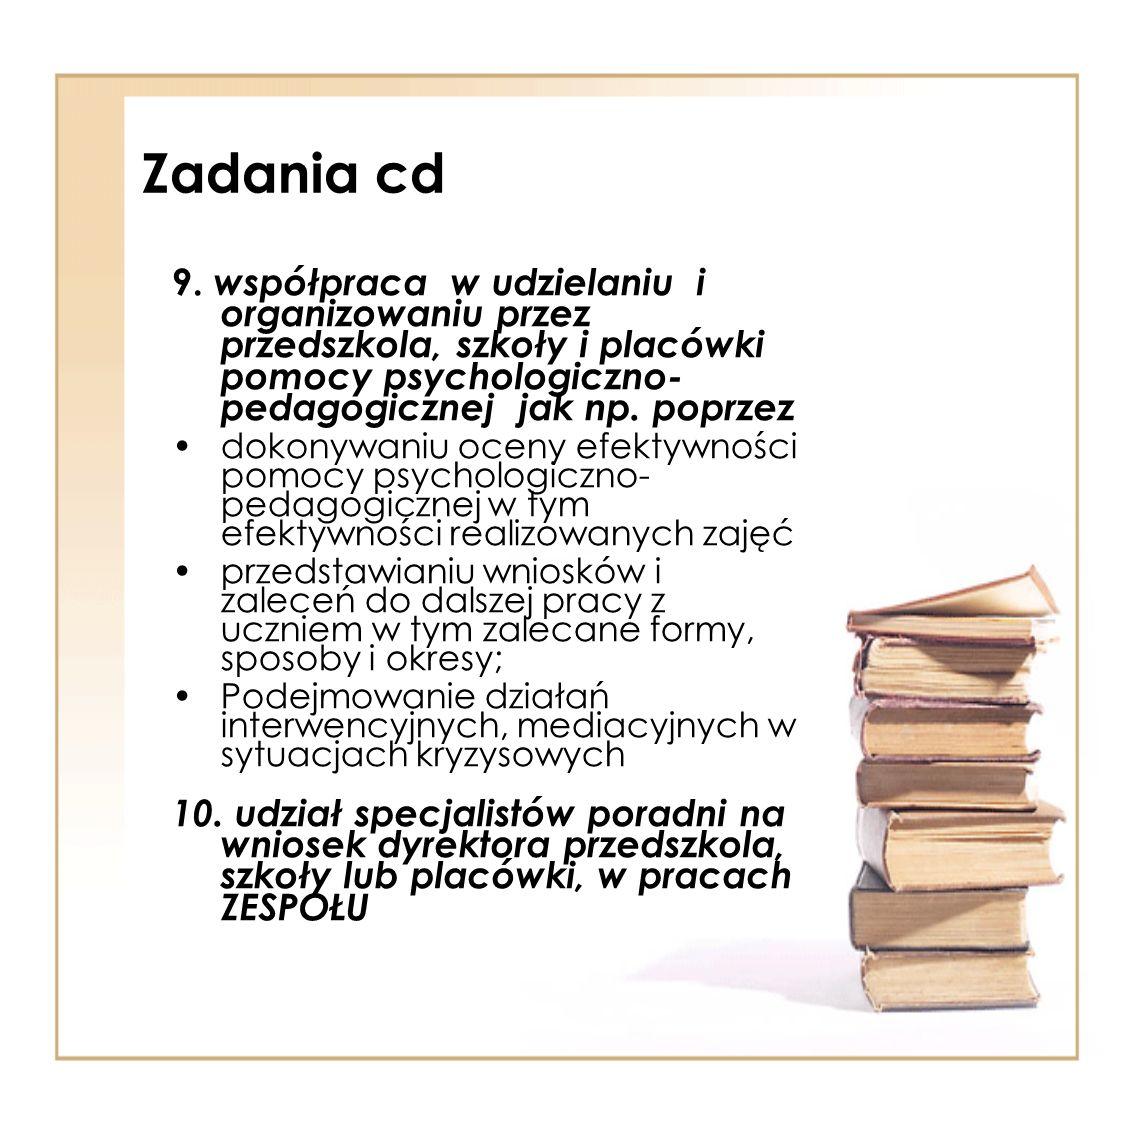 Zadania cd 9. współpraca w udzielaniu i organizowaniu przez przedszkola, szkoły i placówki pomocy psychologiczno-pedagogicznej jak np. poprzez.